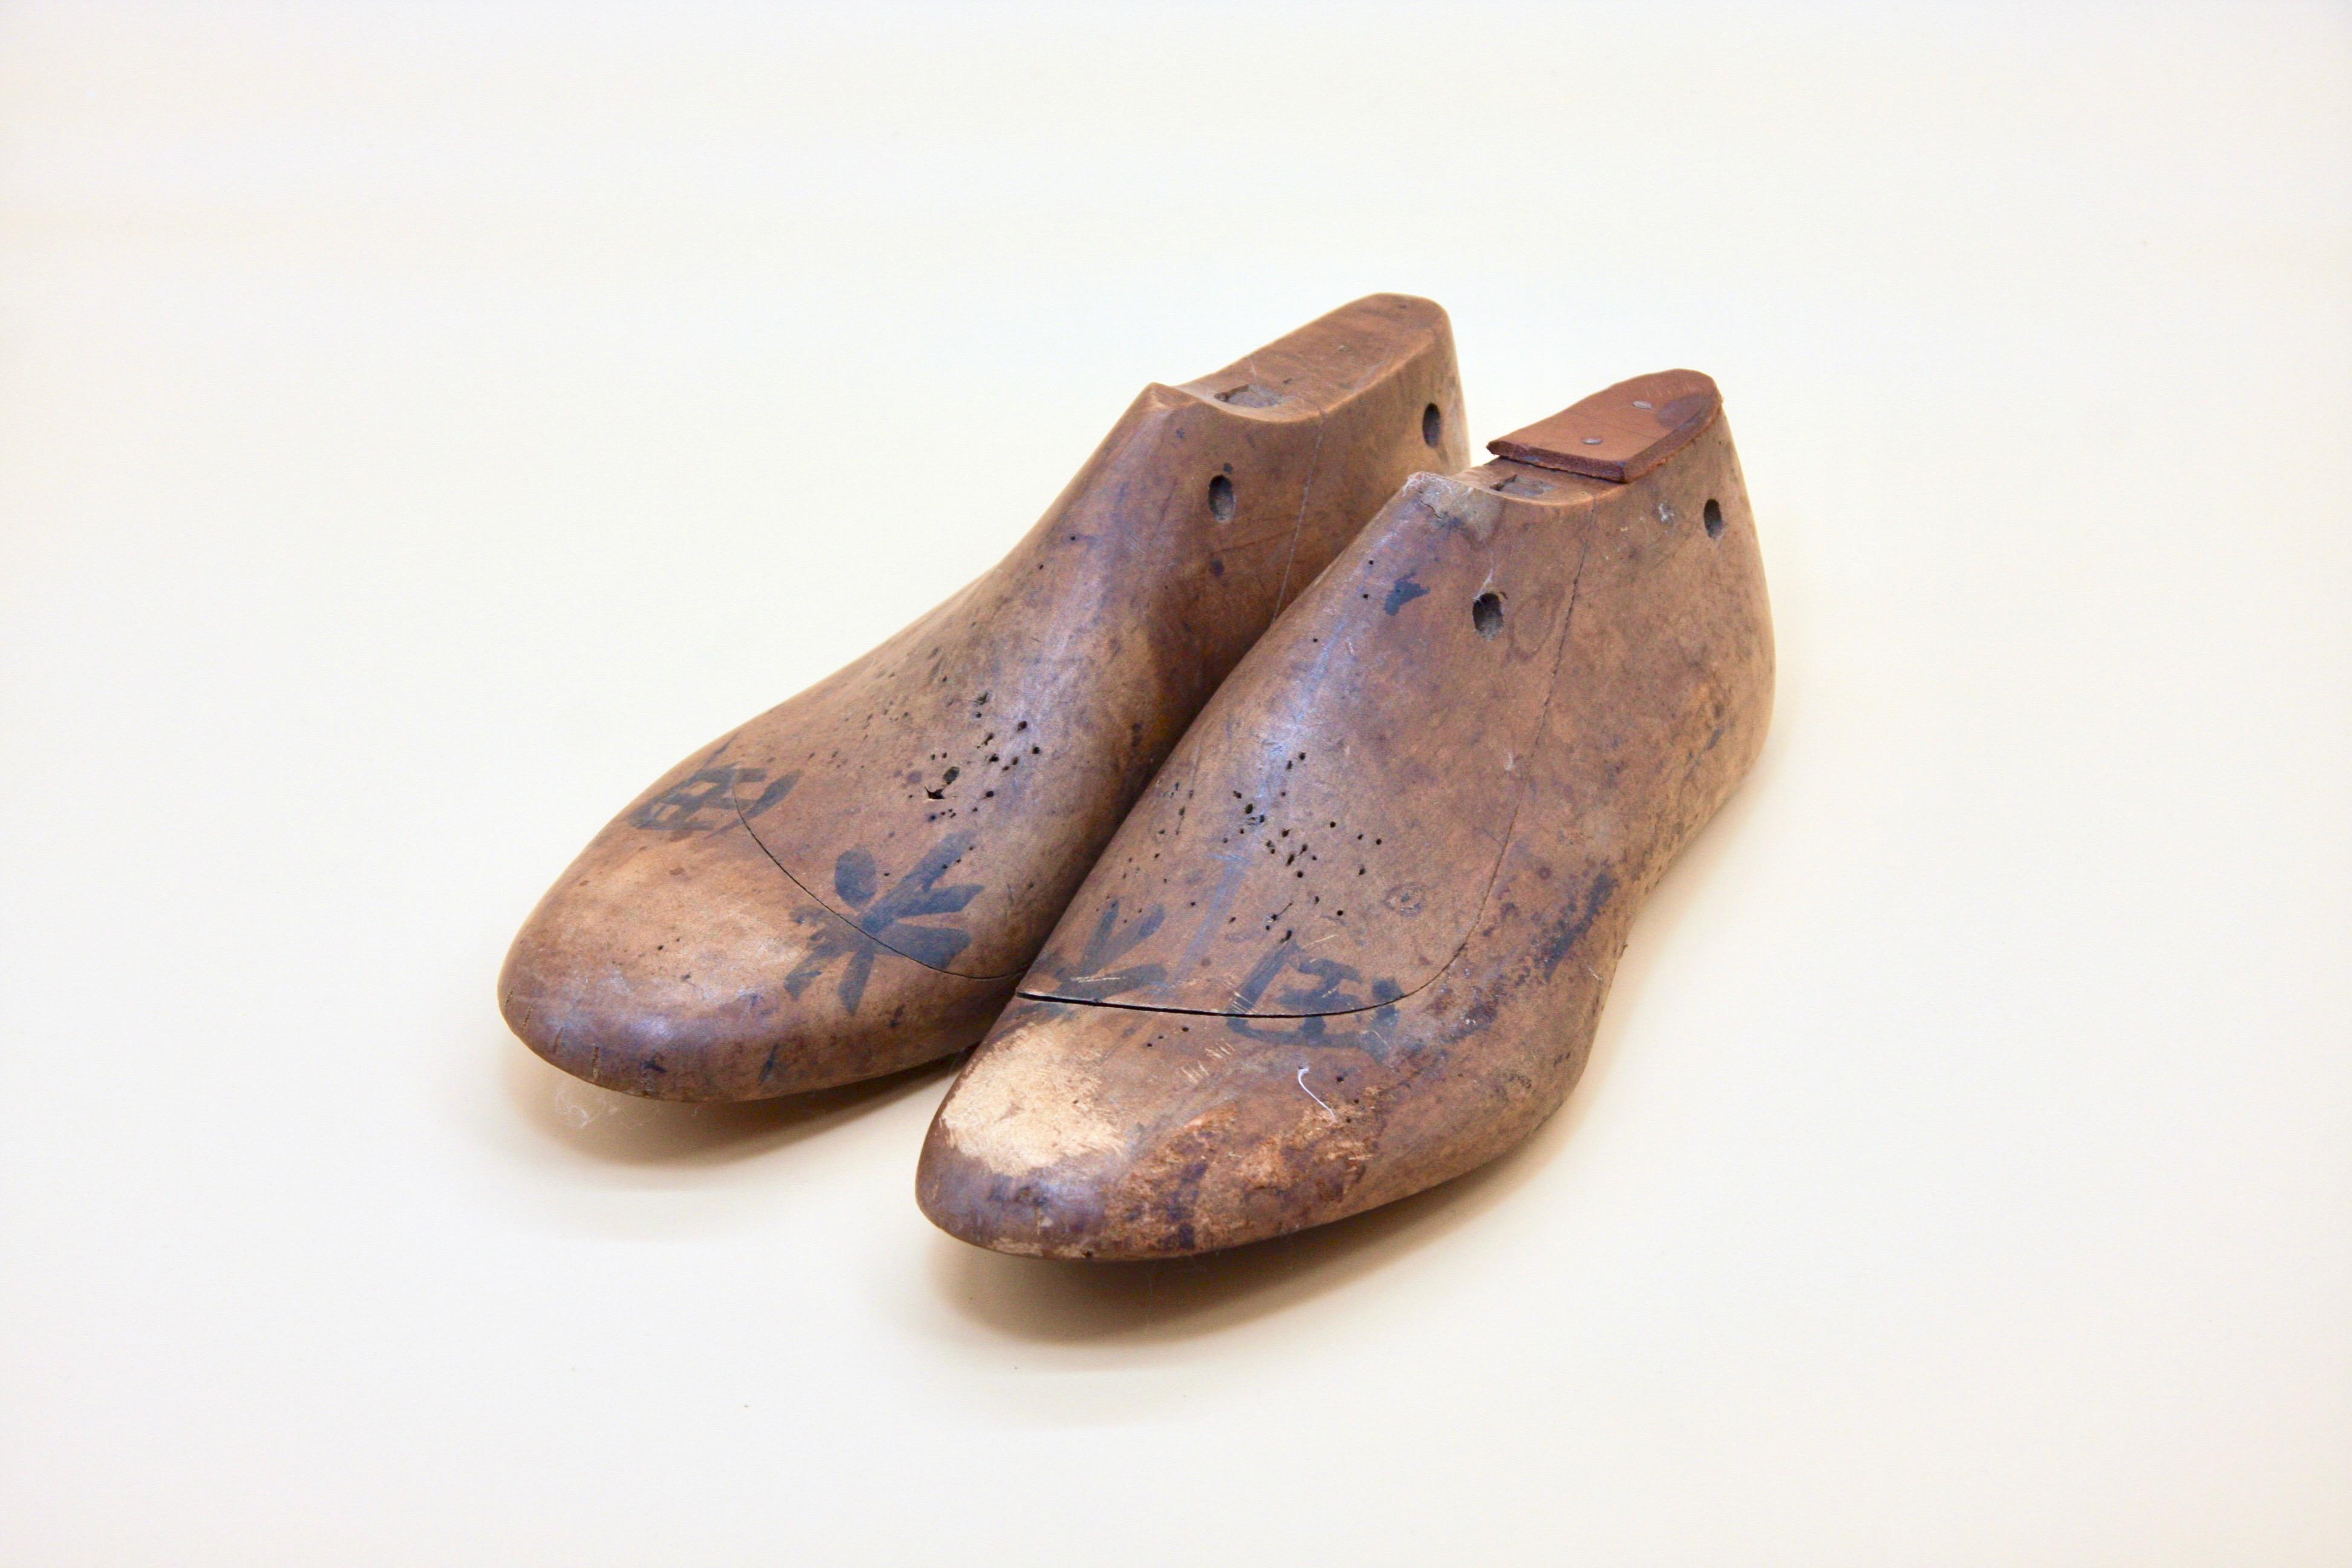 立岡靴工房の古い木型(リアル木製)を販売します